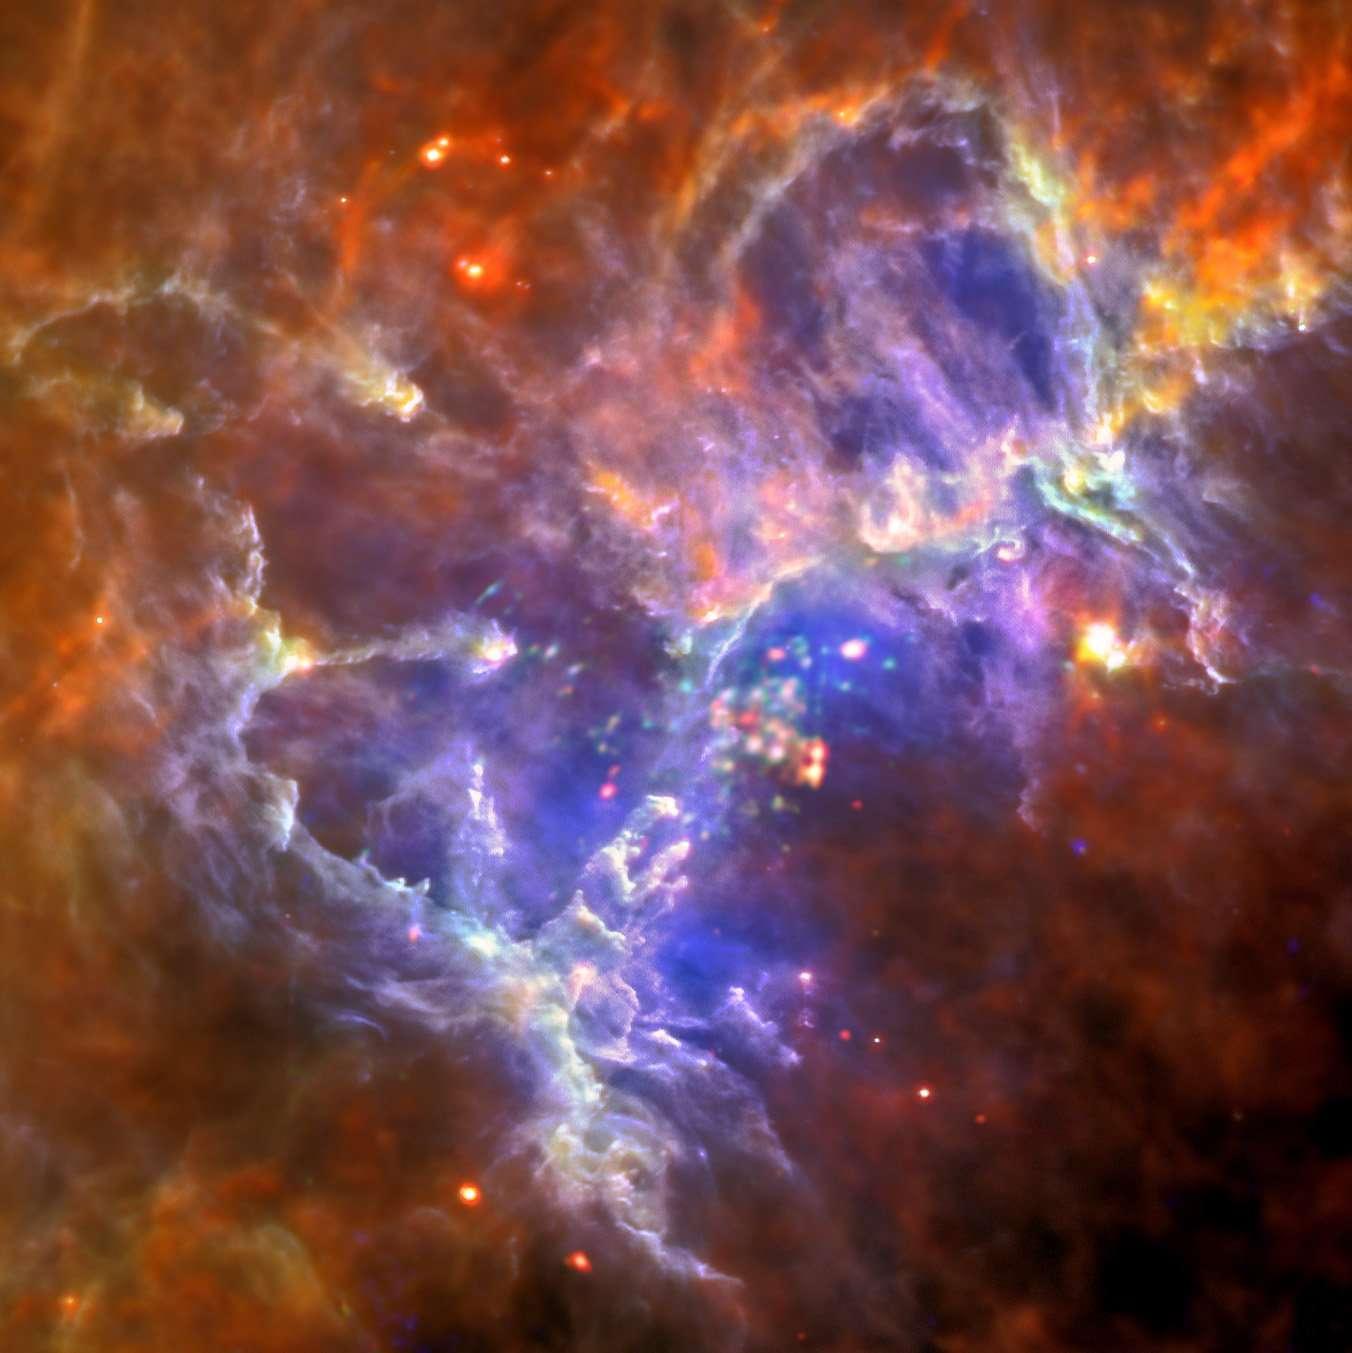 Nouvelle vision des Piliers de la Création grâce aux télescopes spatiaux Herschel et XMM-Newton. © infrarouge lointain : Esa/Herschel/Pacs/Spire/Hill, Motte, Hobys Key Programme Consortium; rayons X : Esa/XMM-Newton/Epic/XMM-Newton-Soc/Boulanger